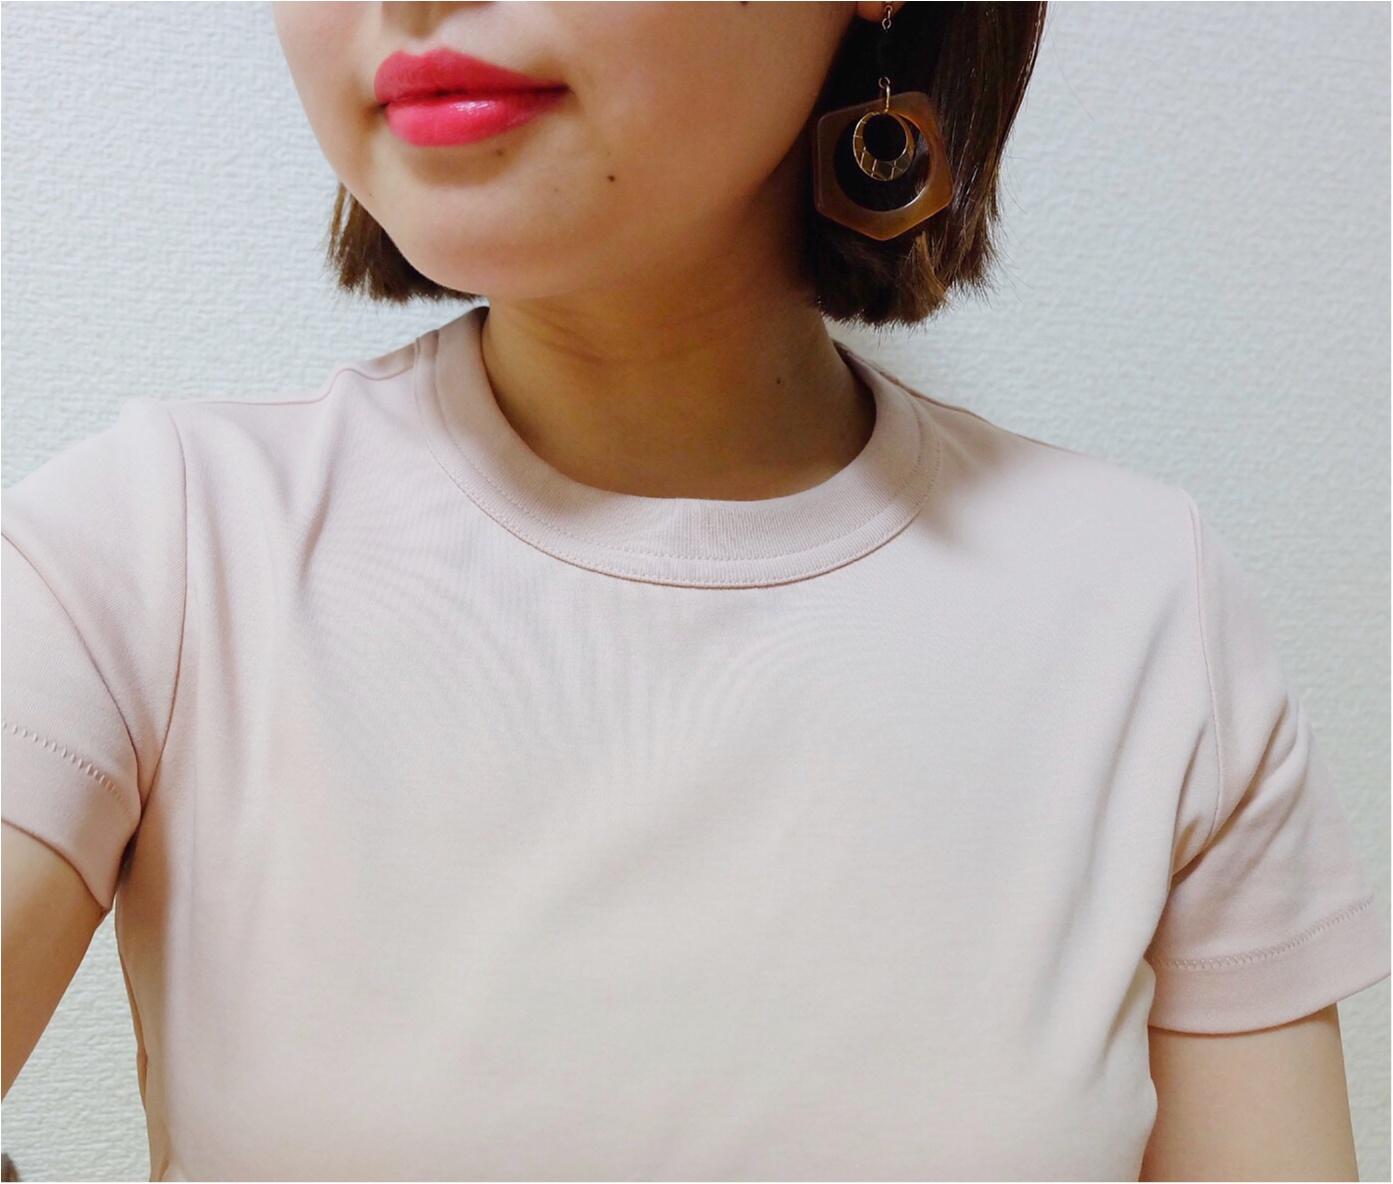 【Uniqlo U】ベーシックアイテムこそこだわりを!生地の透け感 厚み シルエットすべて検証!細見えまでしちゃう超優秀¥1000Tシャツだった♡コーデ画有✌︎_4